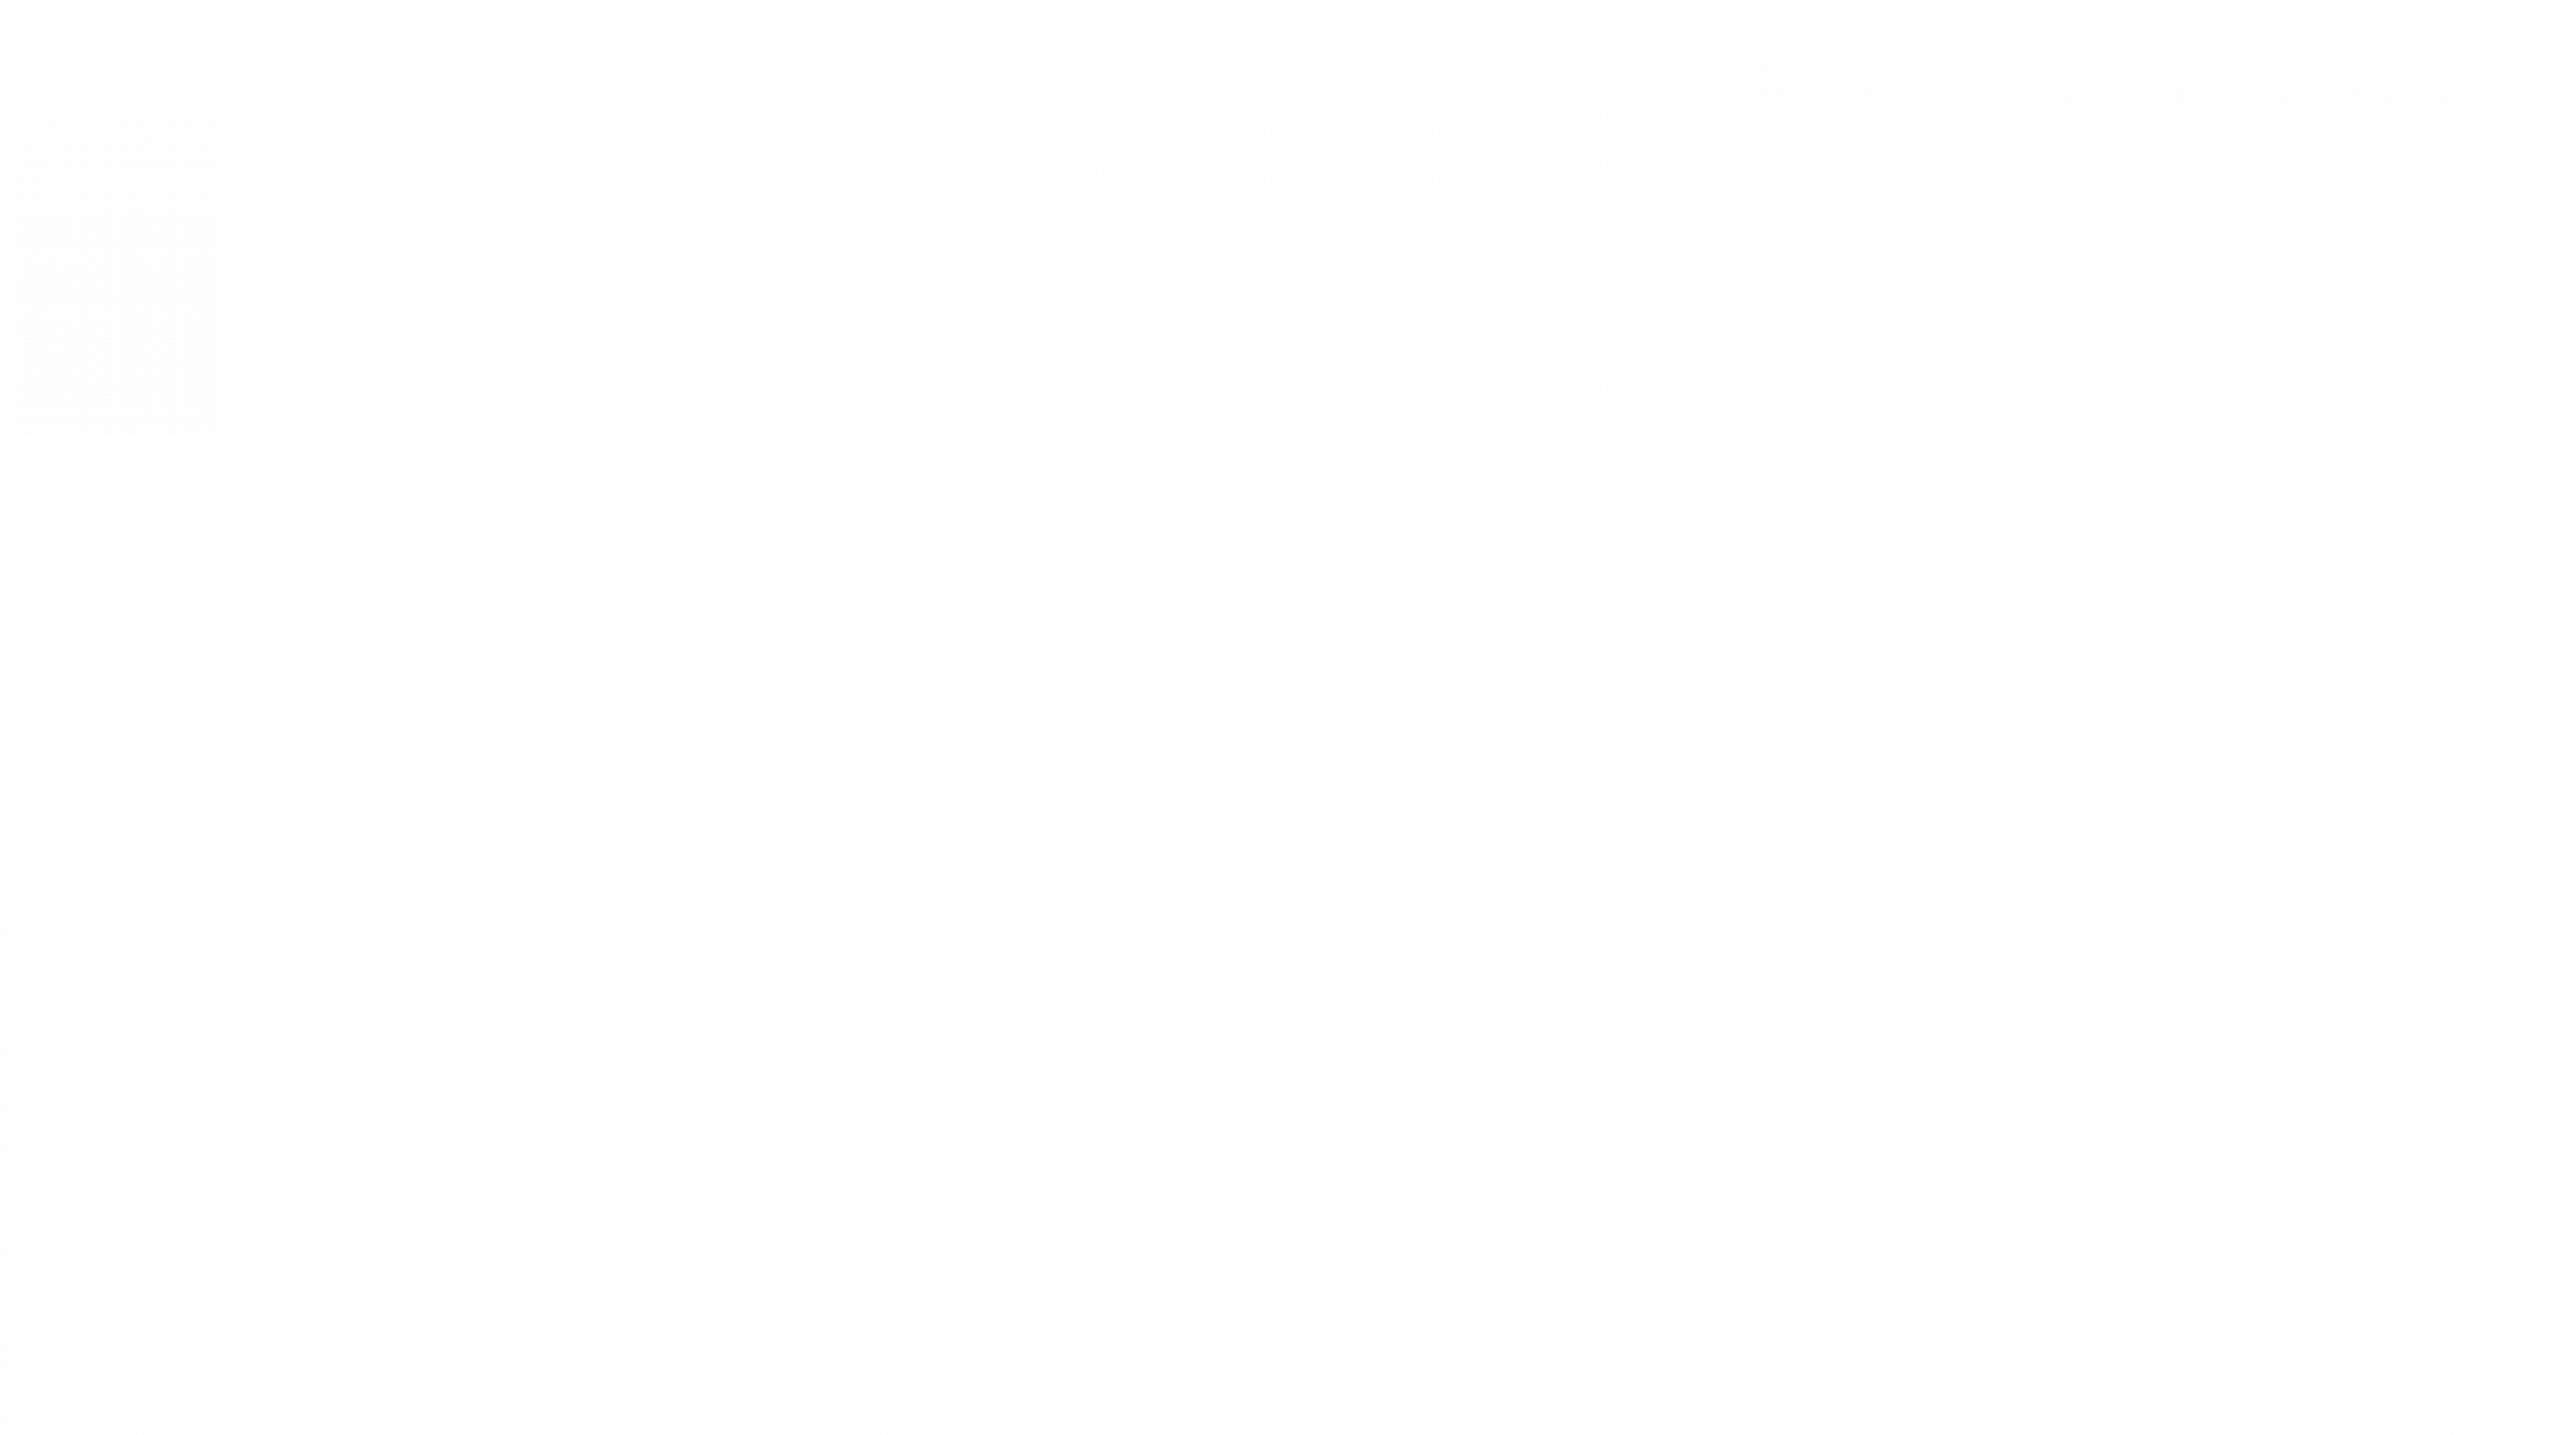 El caso de la rampa que solo sirve como tobogán